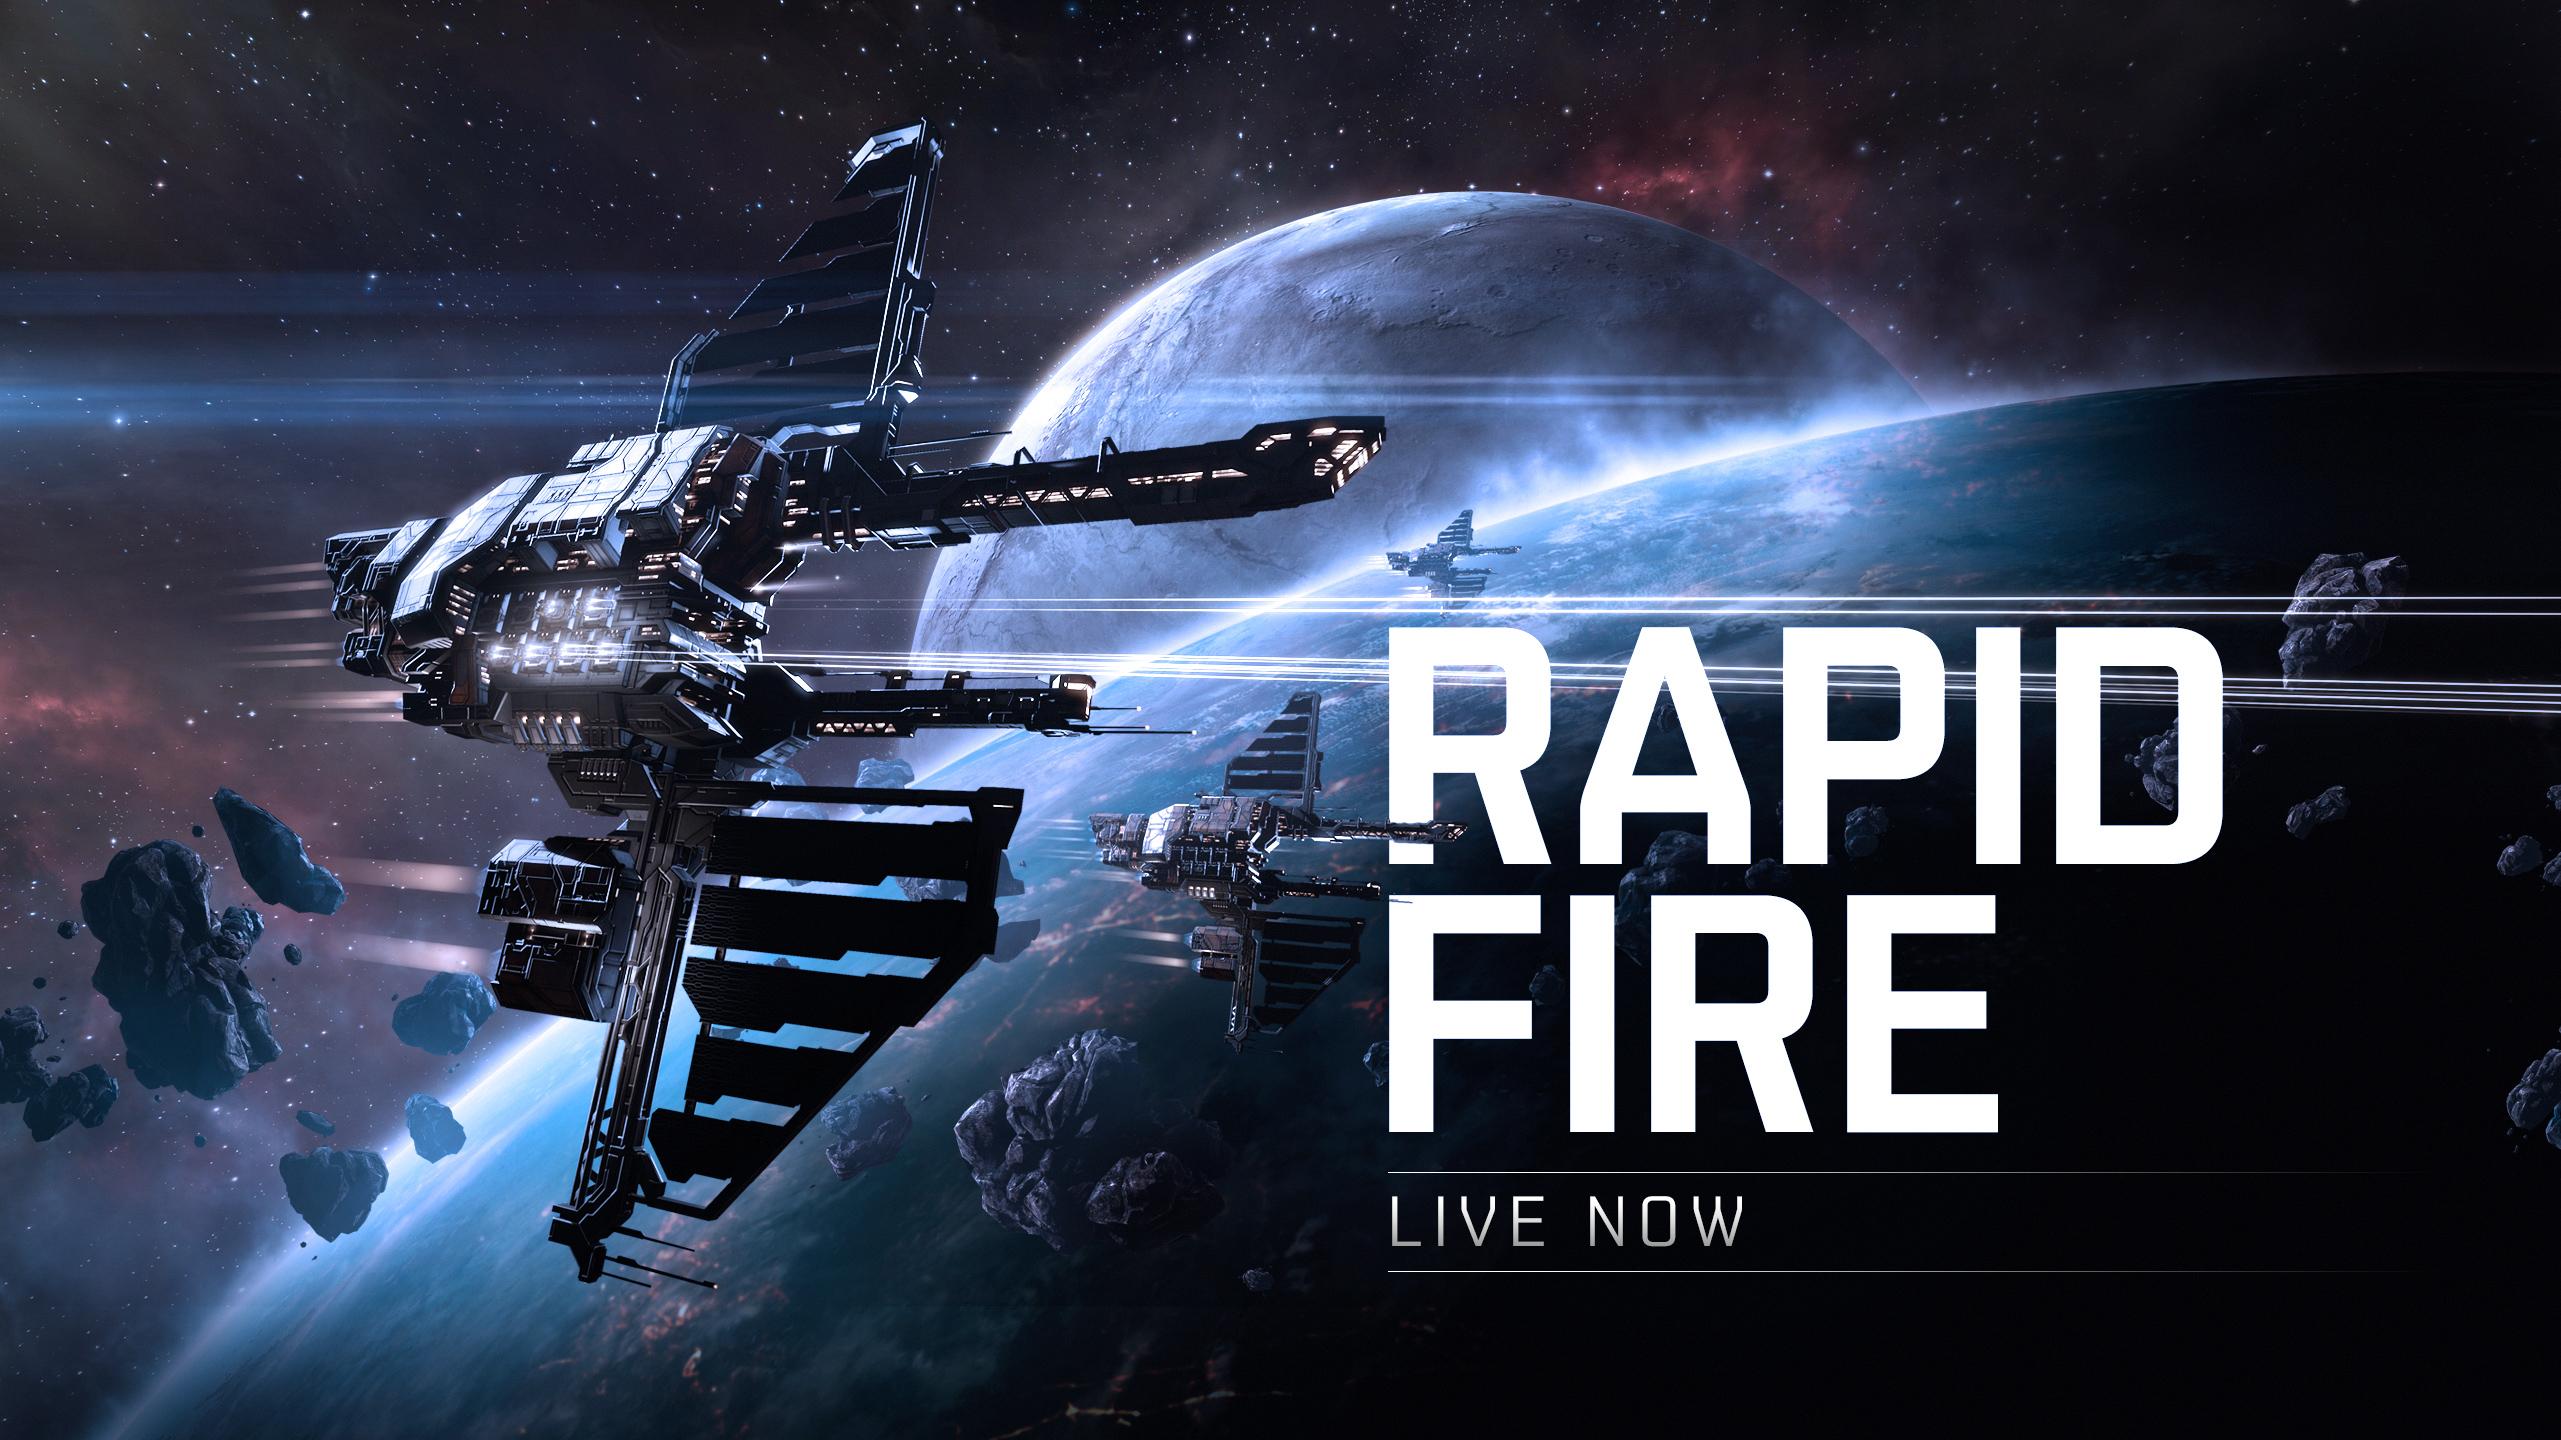 3-Rapid-Fire+LiveNow-Text 2560x1440